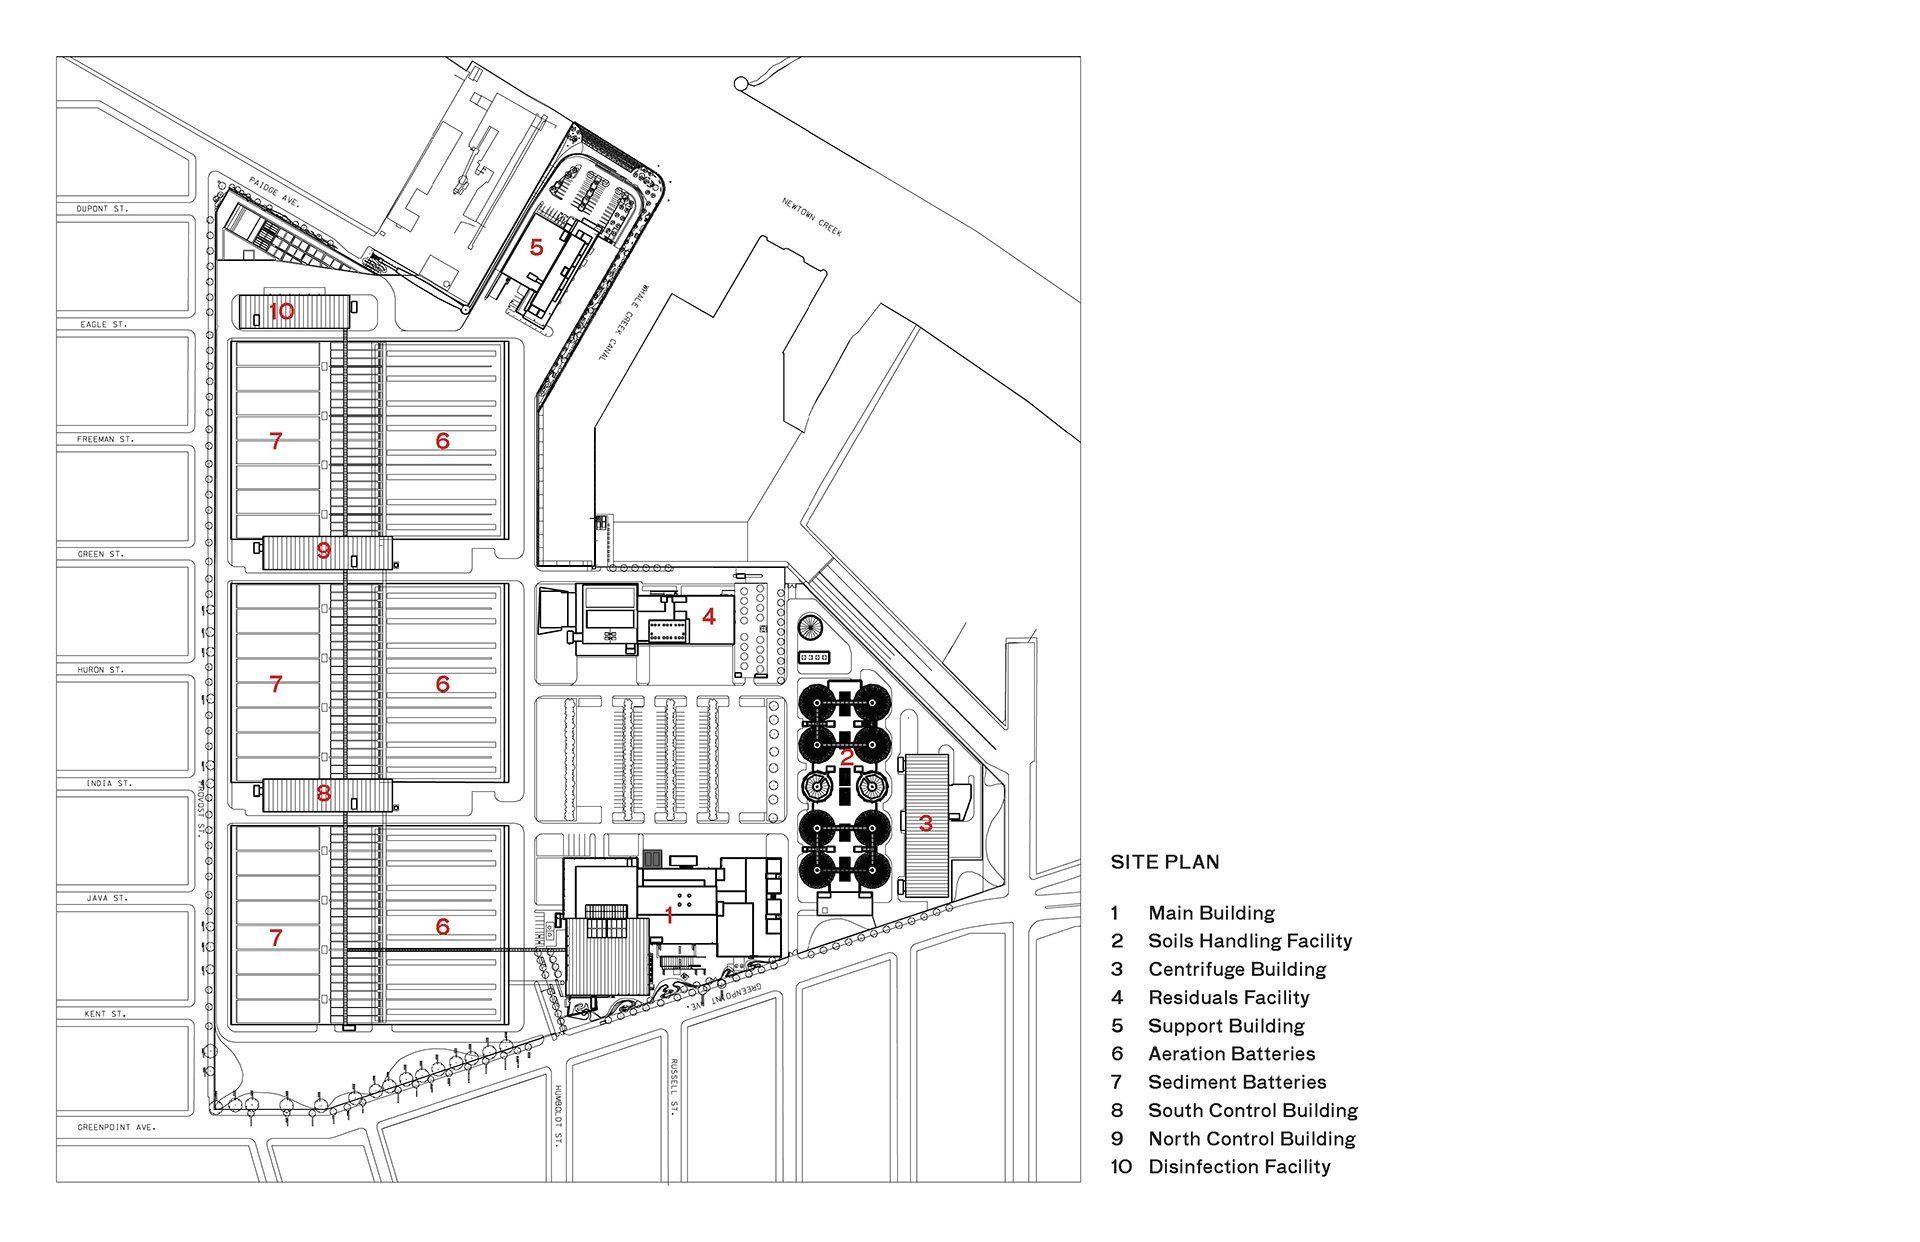 0204 Newtown Site Plan 1000 in 2020 Site plan